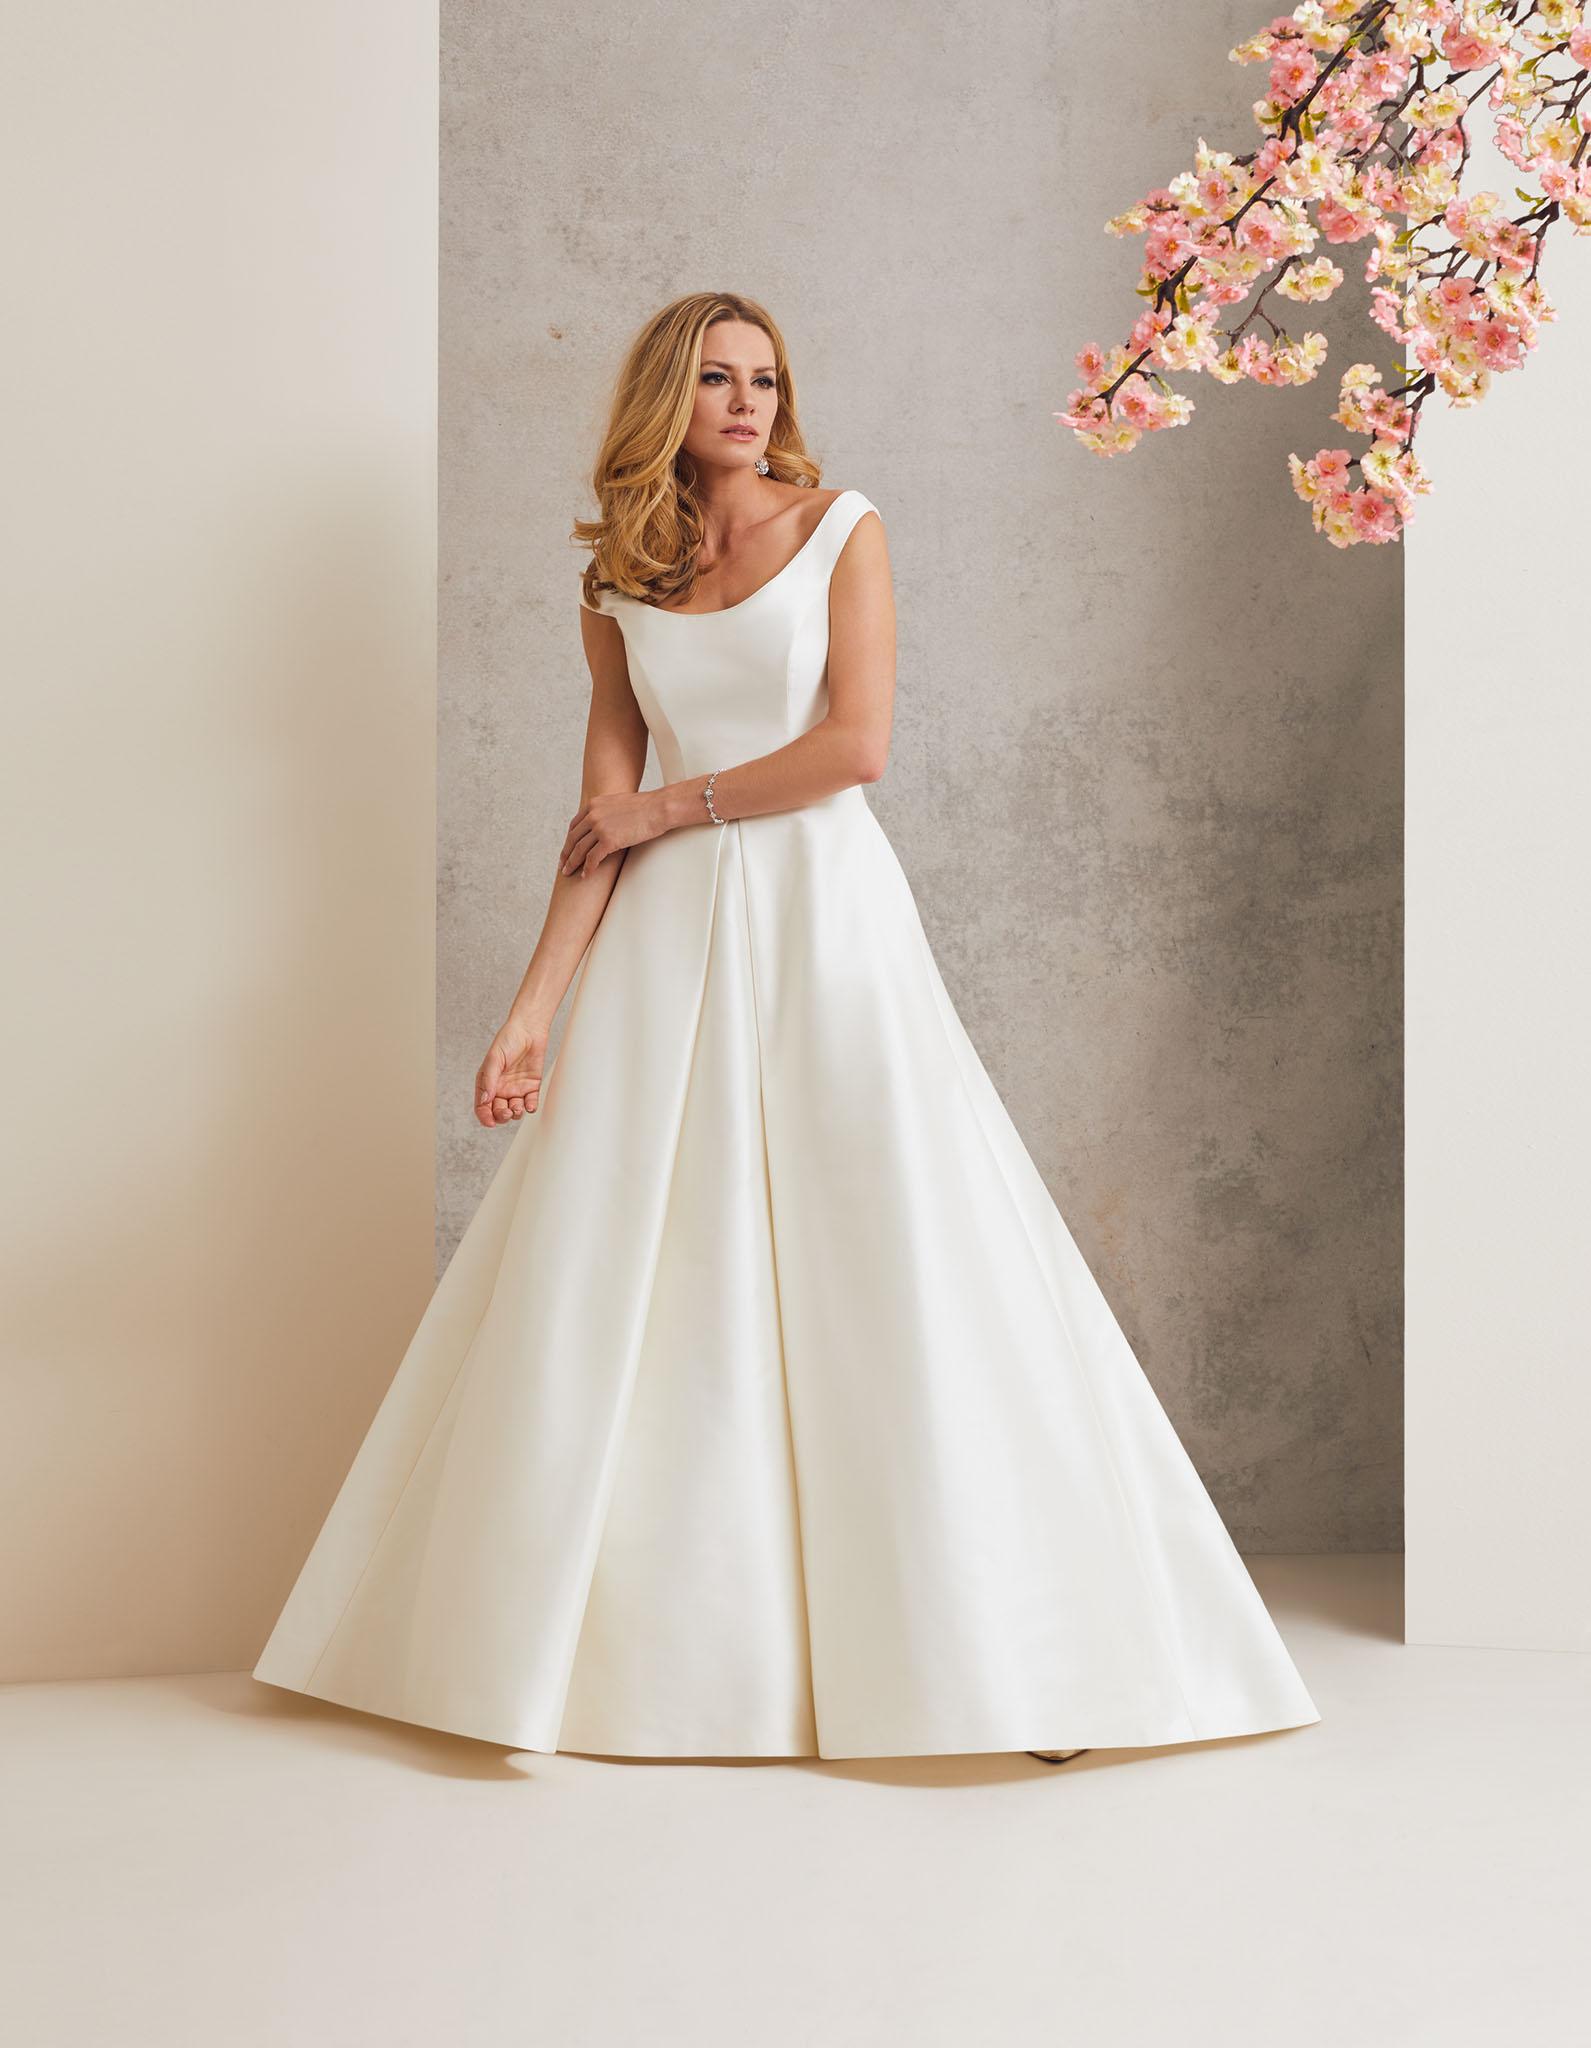 Caroline Castigliano Bridal Fall 2018